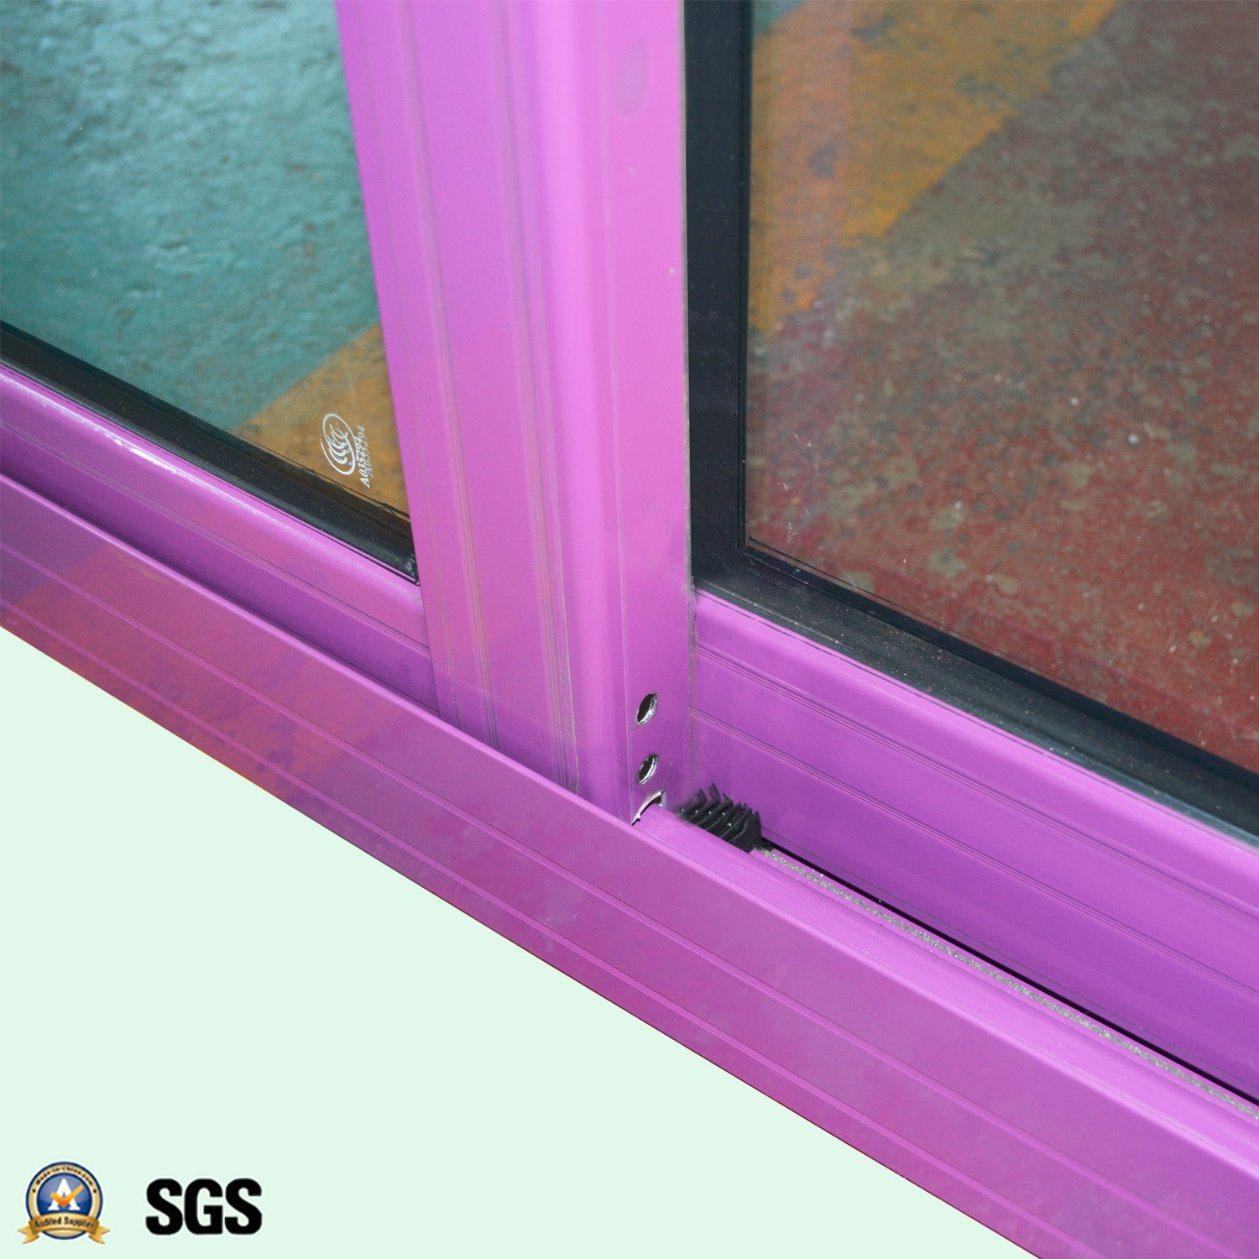 Powder Coated Handle Lock with Key Aluminum Sliding Window K01001